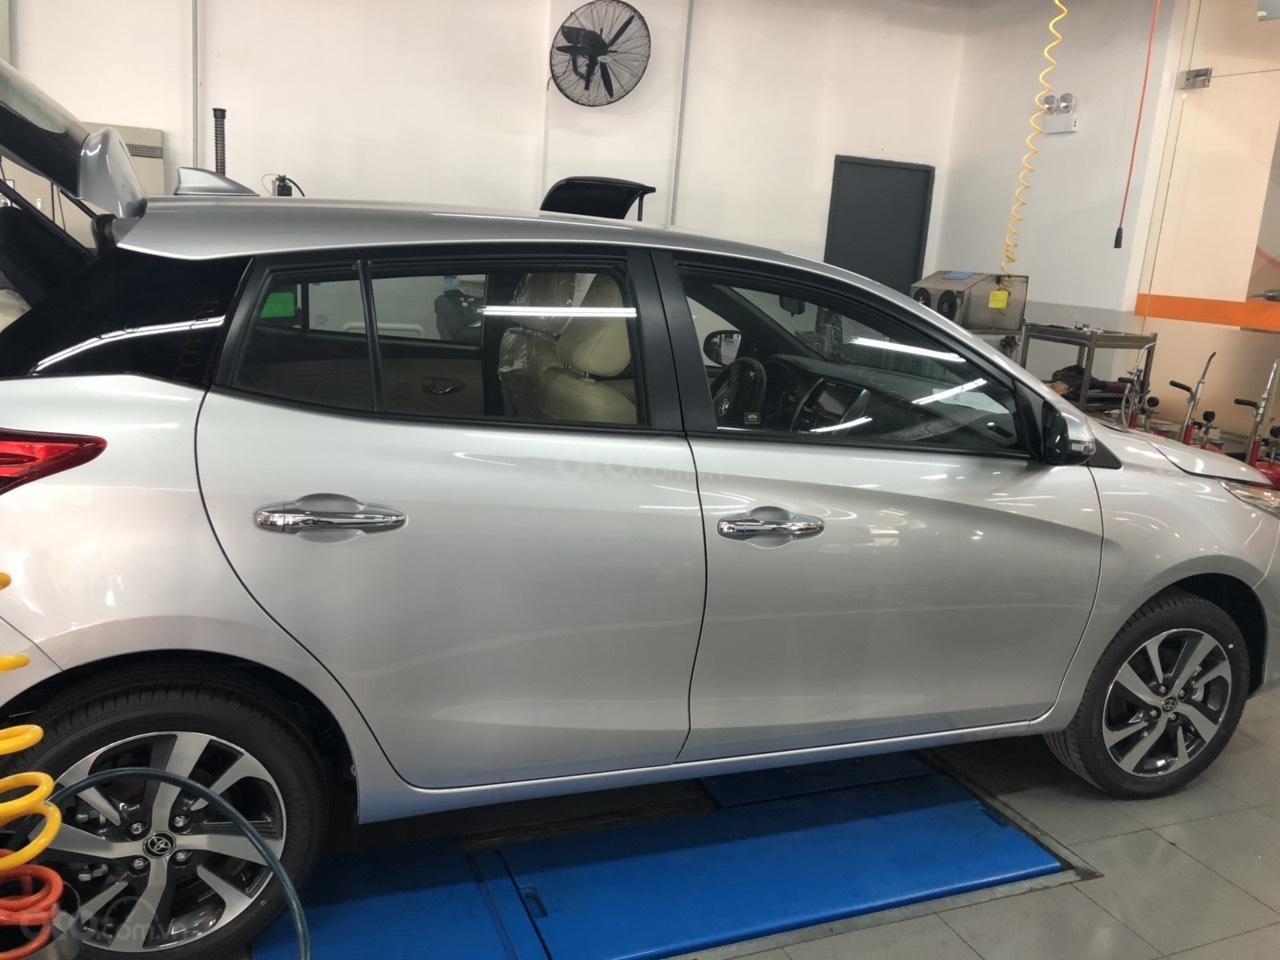 Bán Toyota Yaris 1.5G cao cấp năm 2019, màu bạc, xe nhập, khuyến mãi lớn (3)